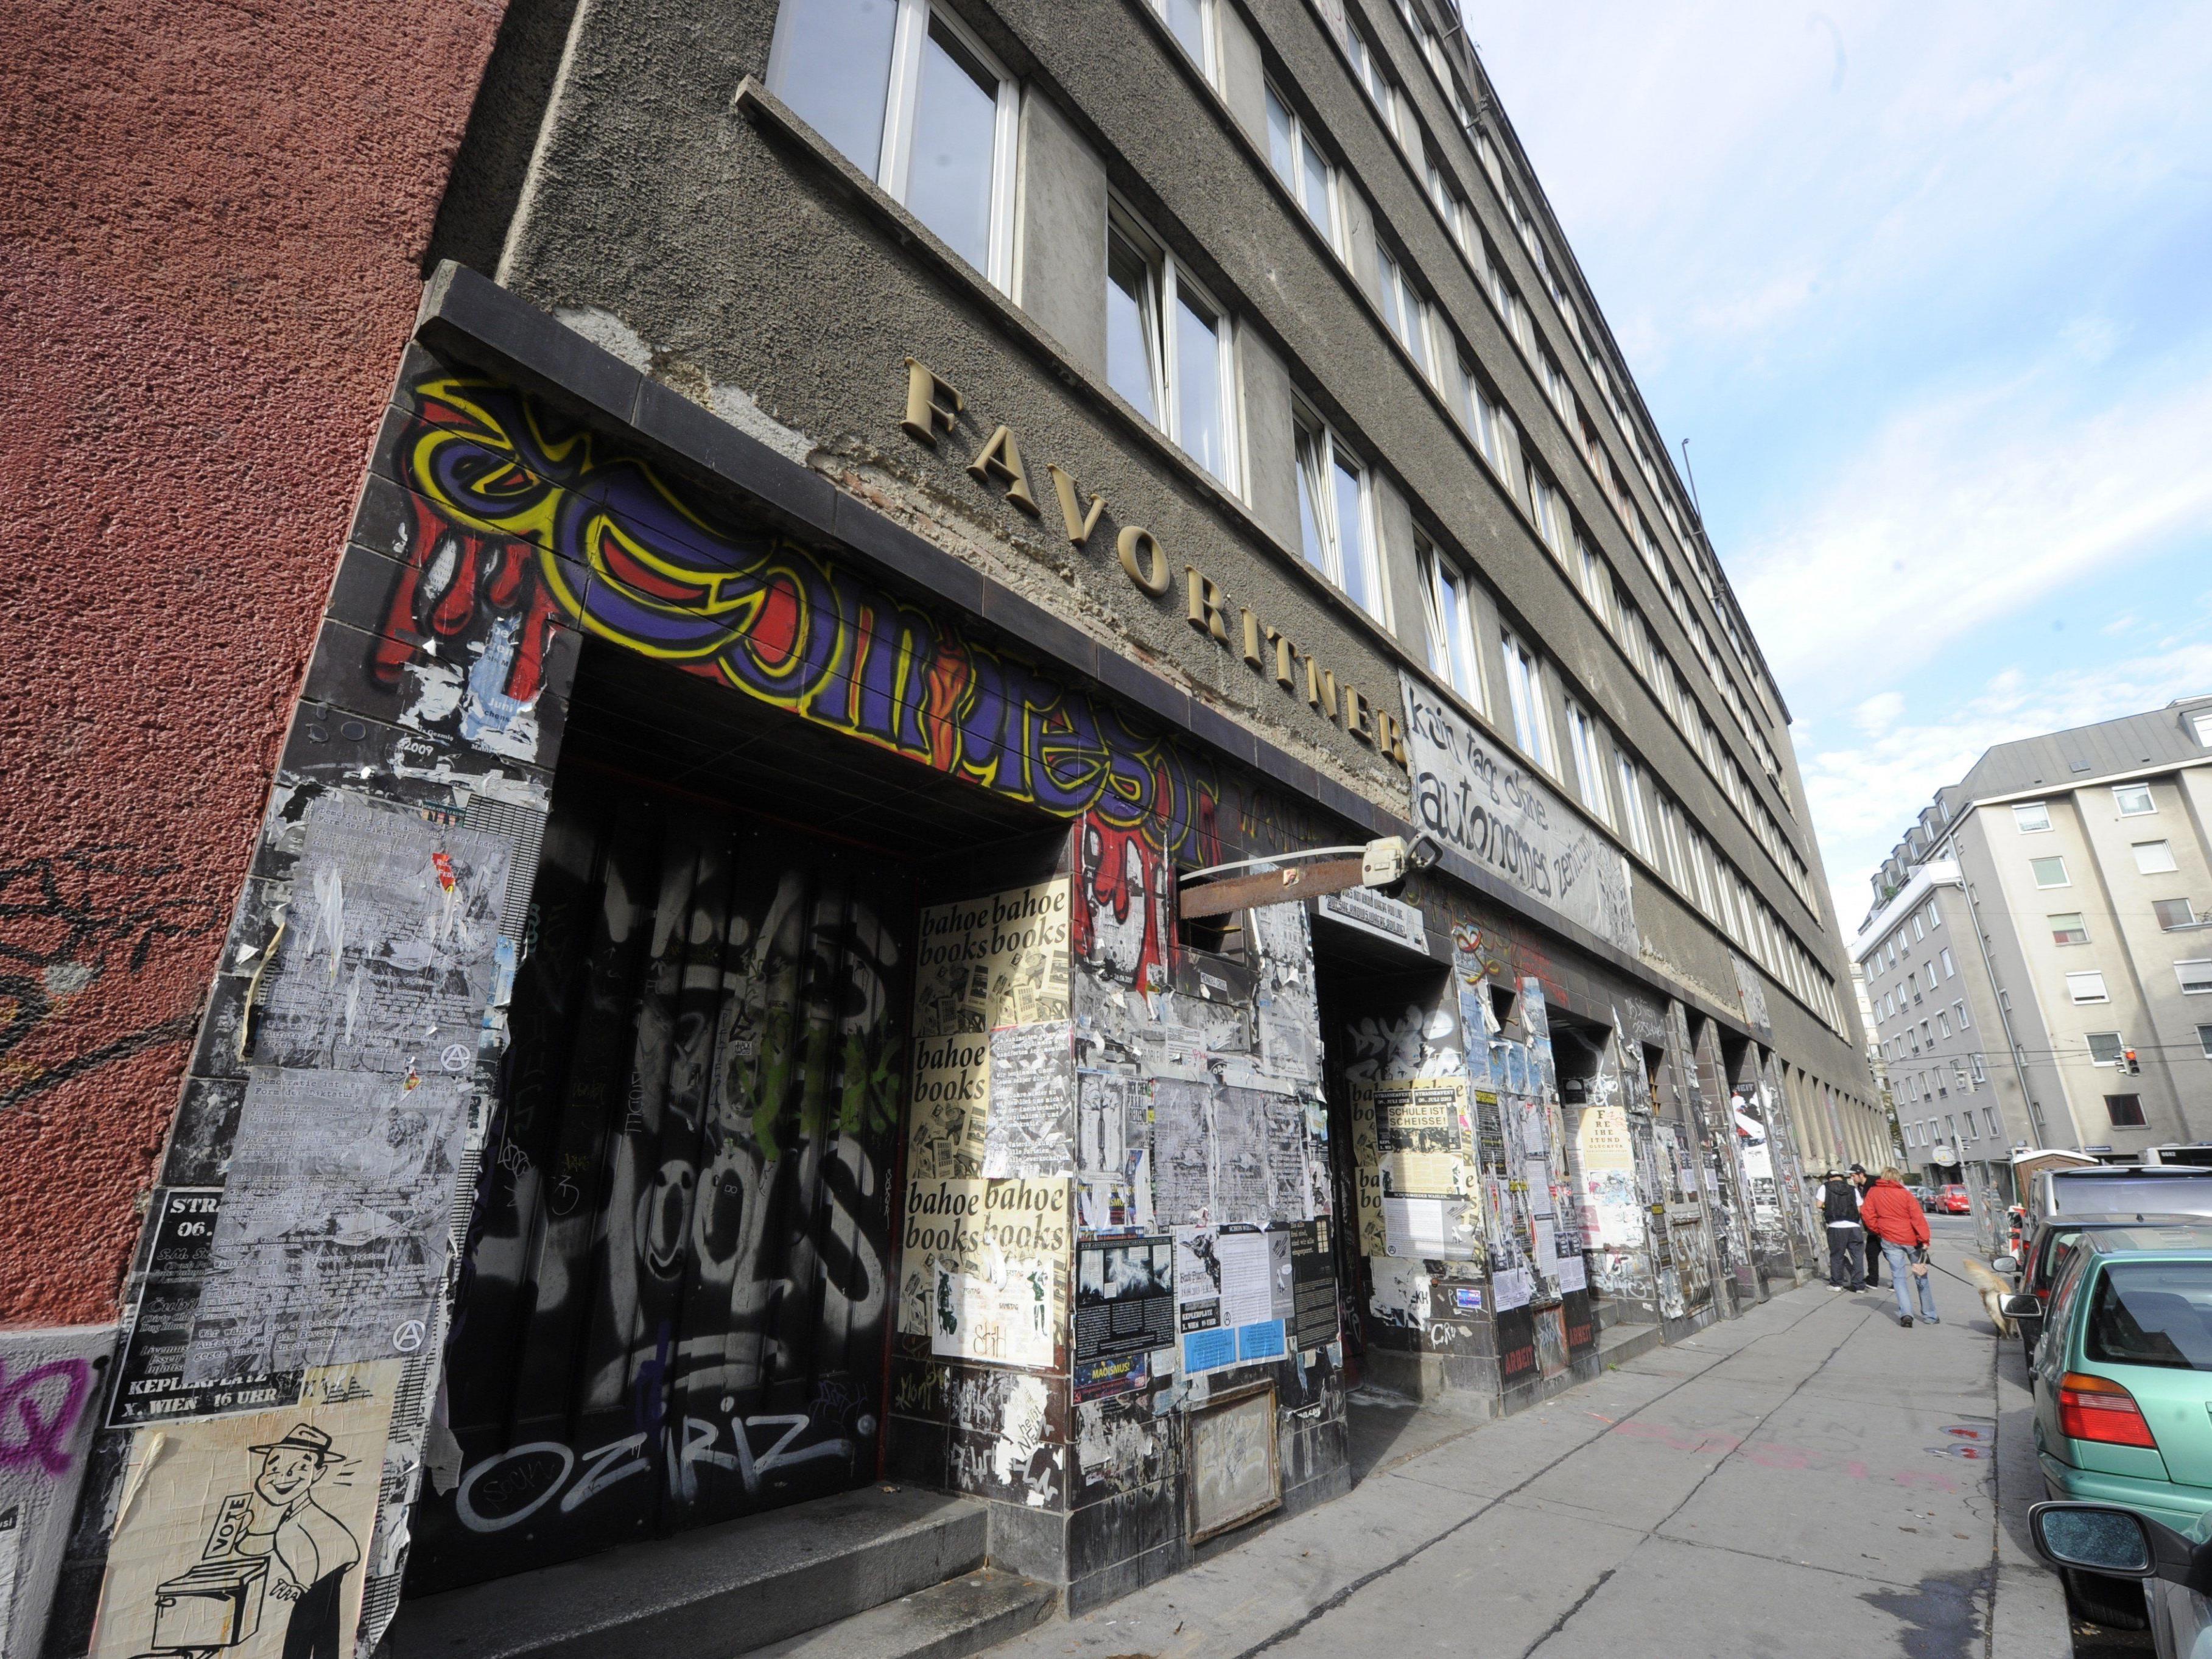 Rund 40 Rechtsradikale sollen Räumlichkeiten des türkischen Migrantenvereins ATIGF überfallen haben.